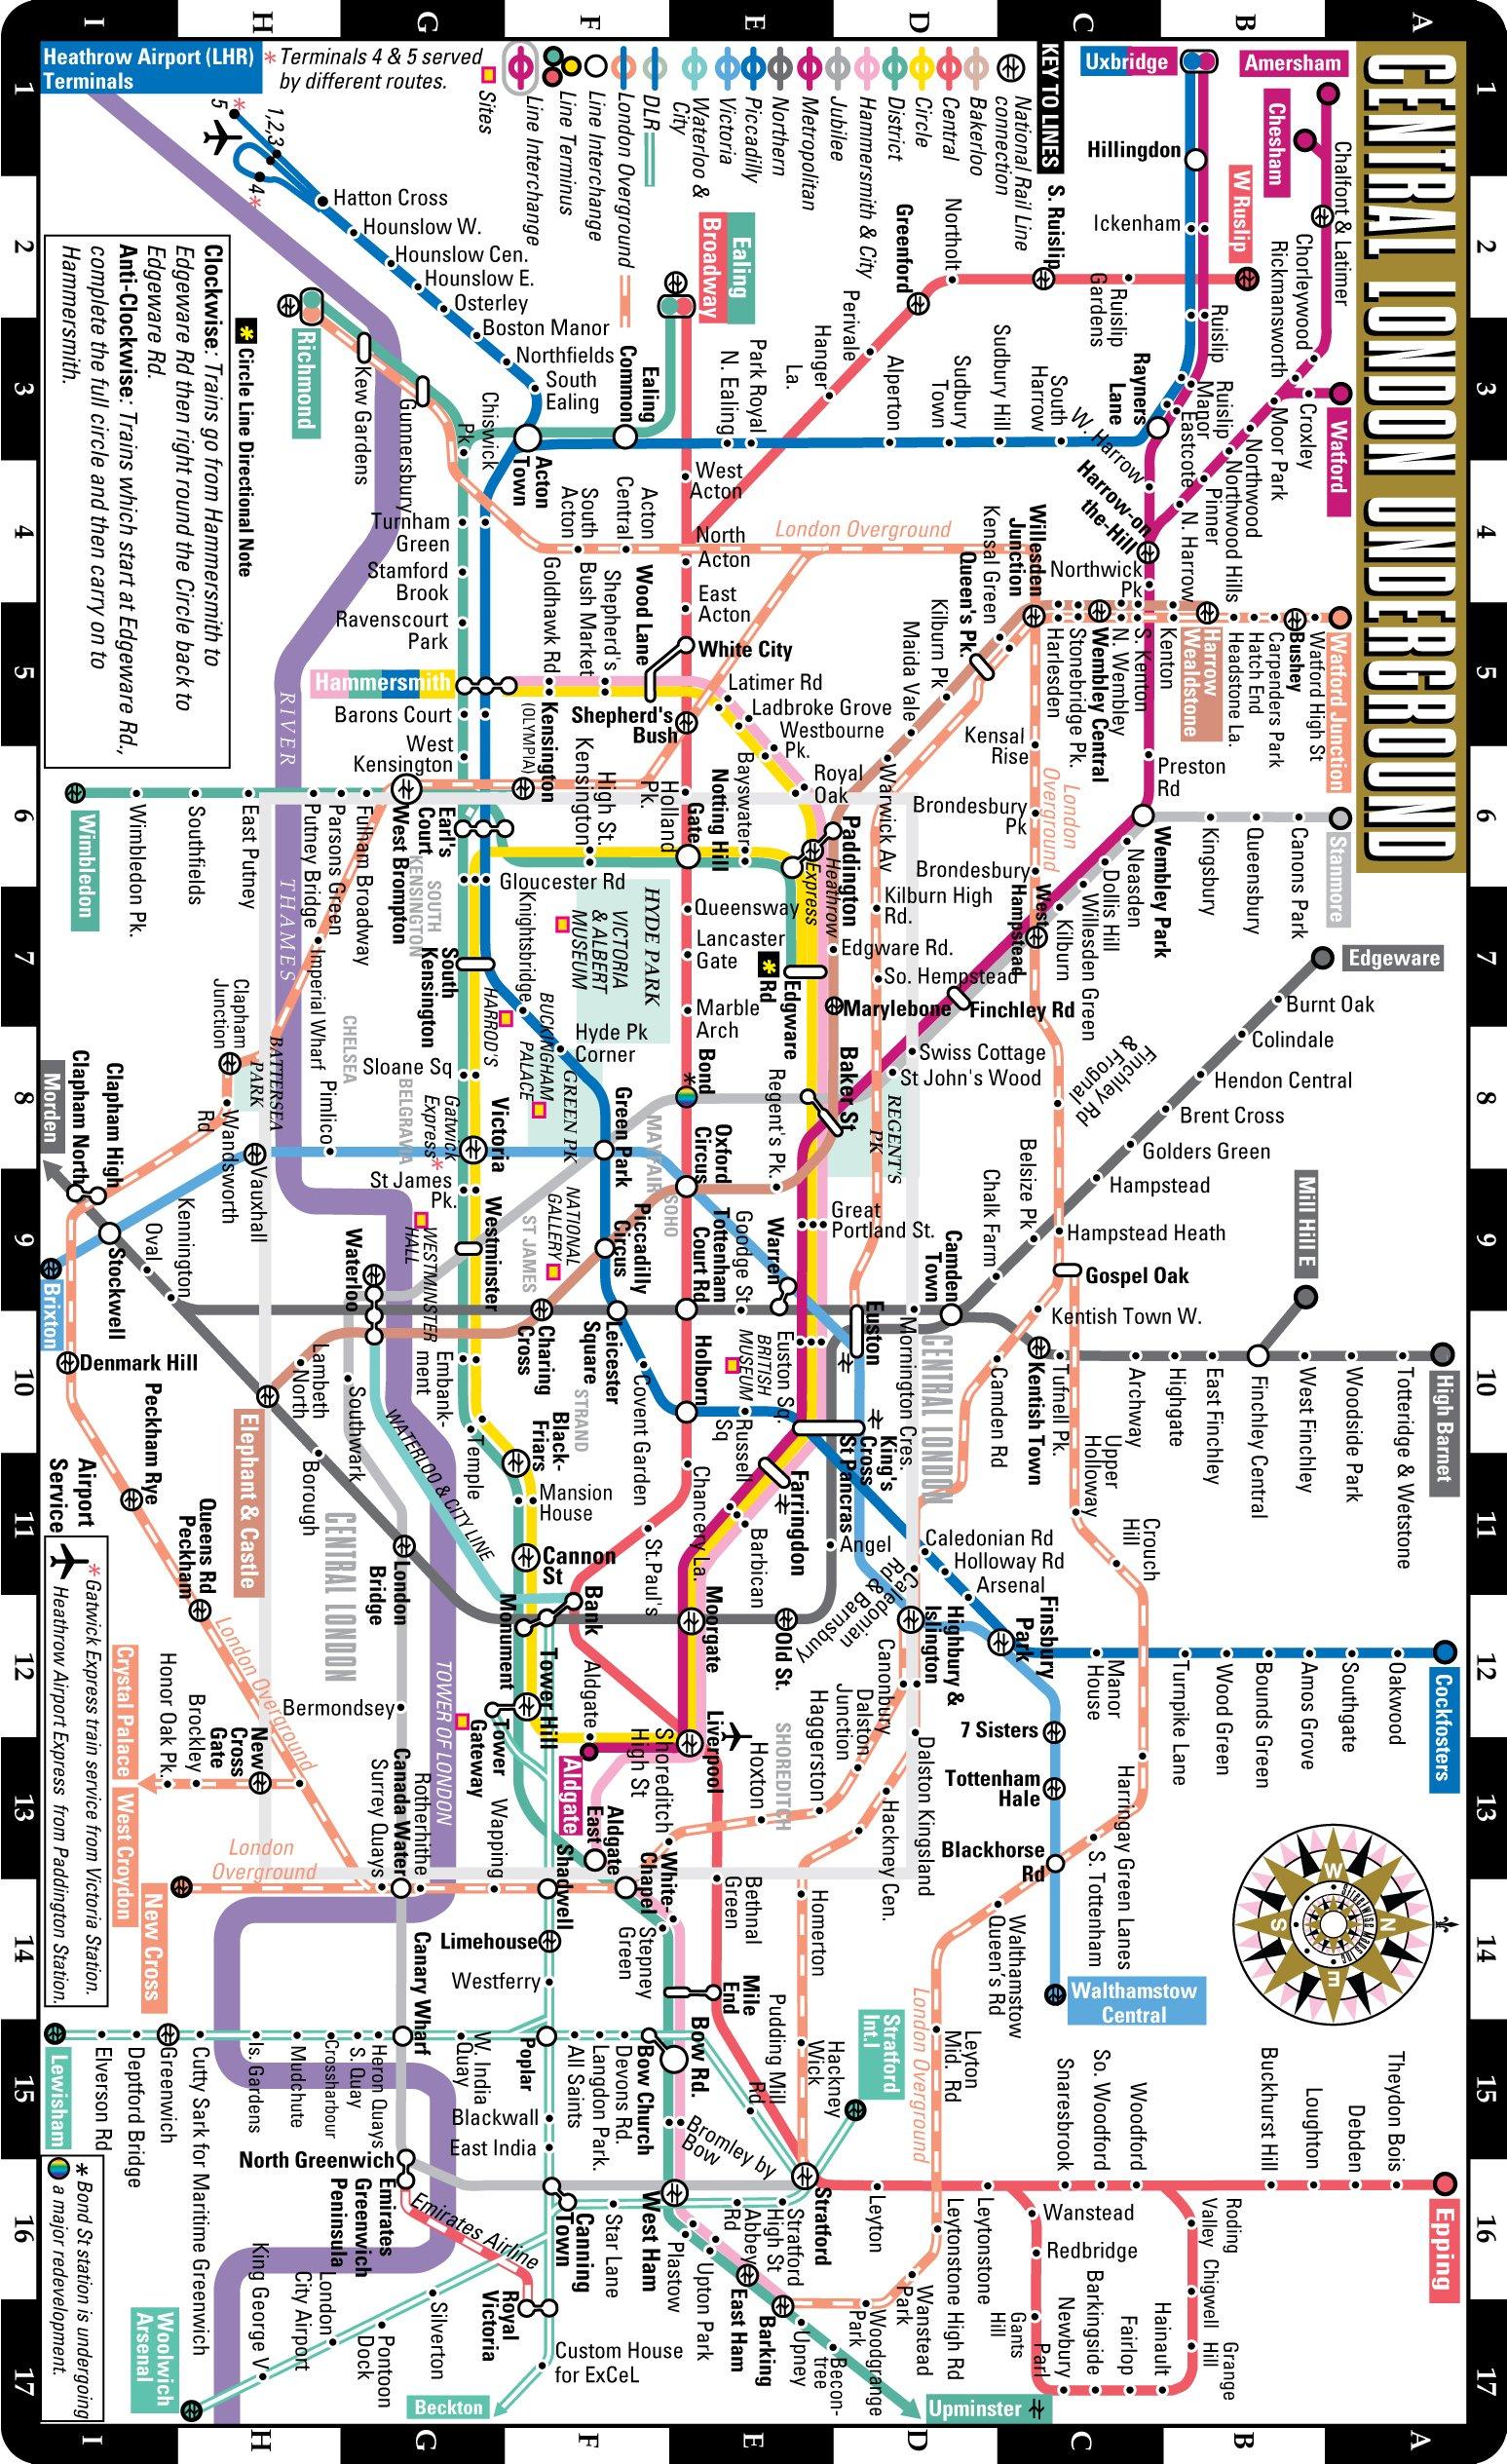 Streetwise London Underground Map The Tube Laminated London Metro Map Folding Pocket Size Subway Map For Travel Streetwise Maps Inc 9781931257664 Amazon Com Books